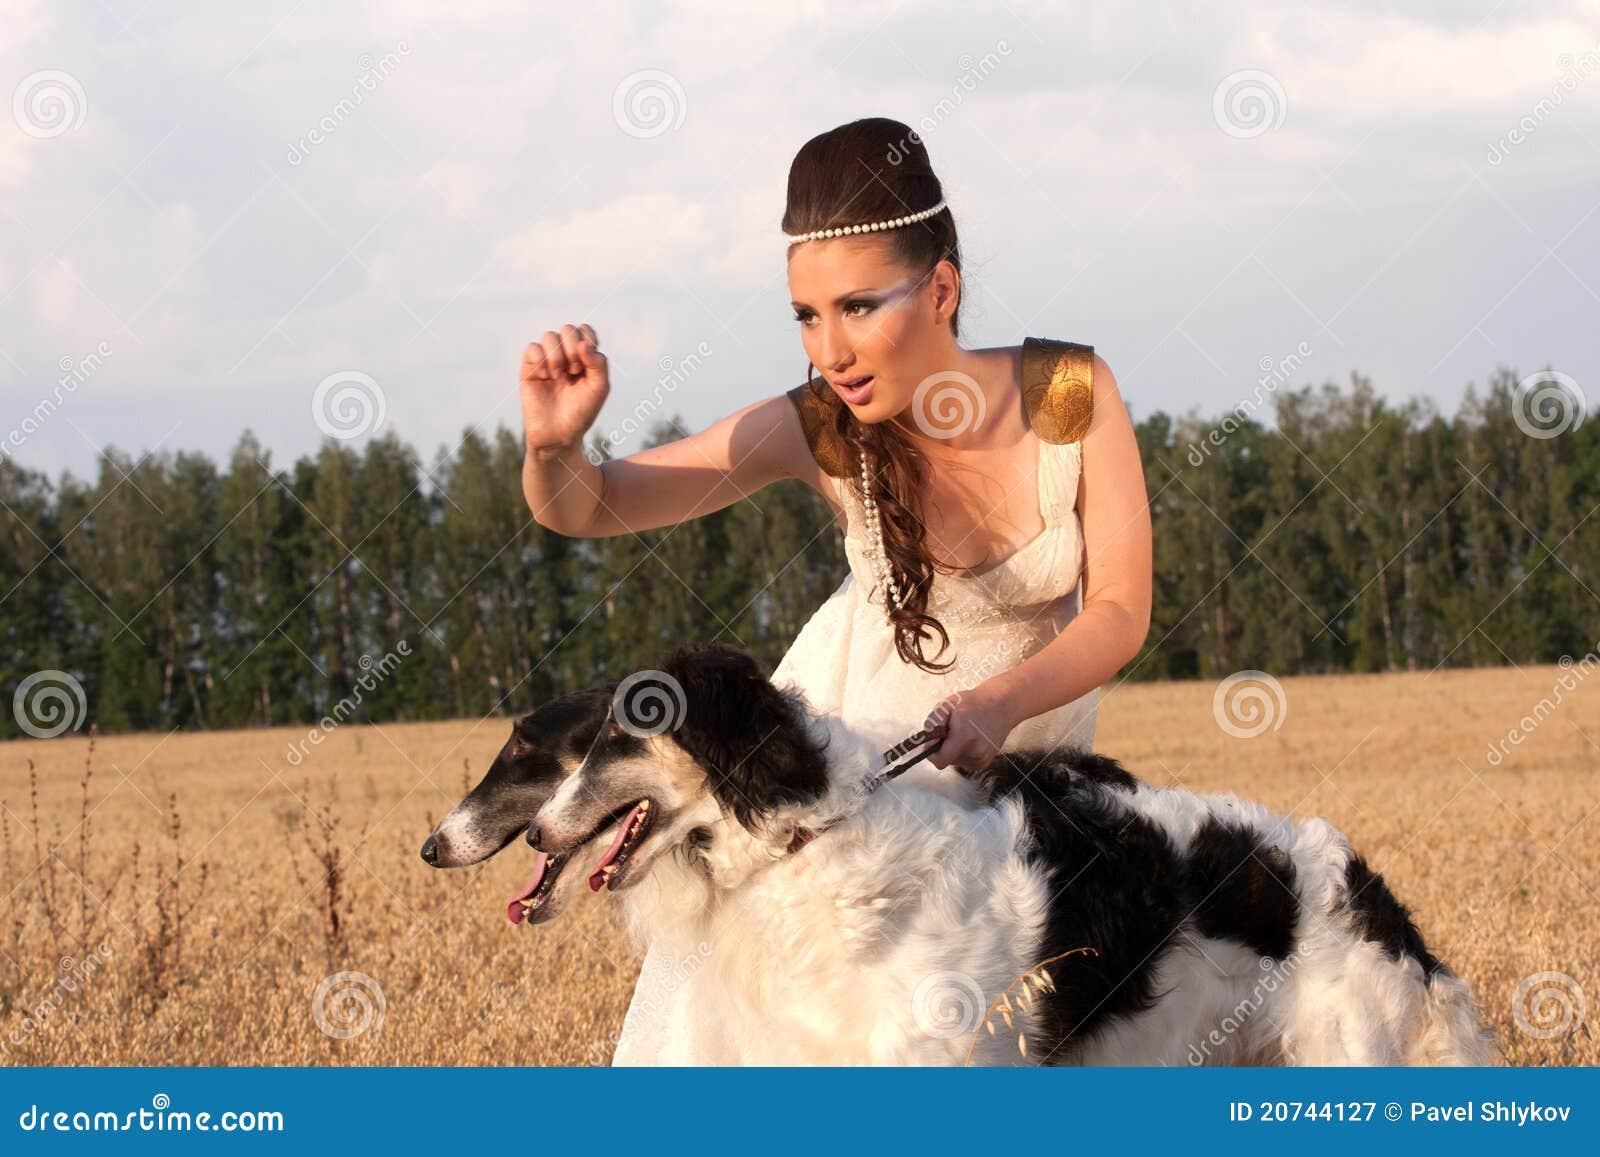 Русская девушка с догом 21 фотография